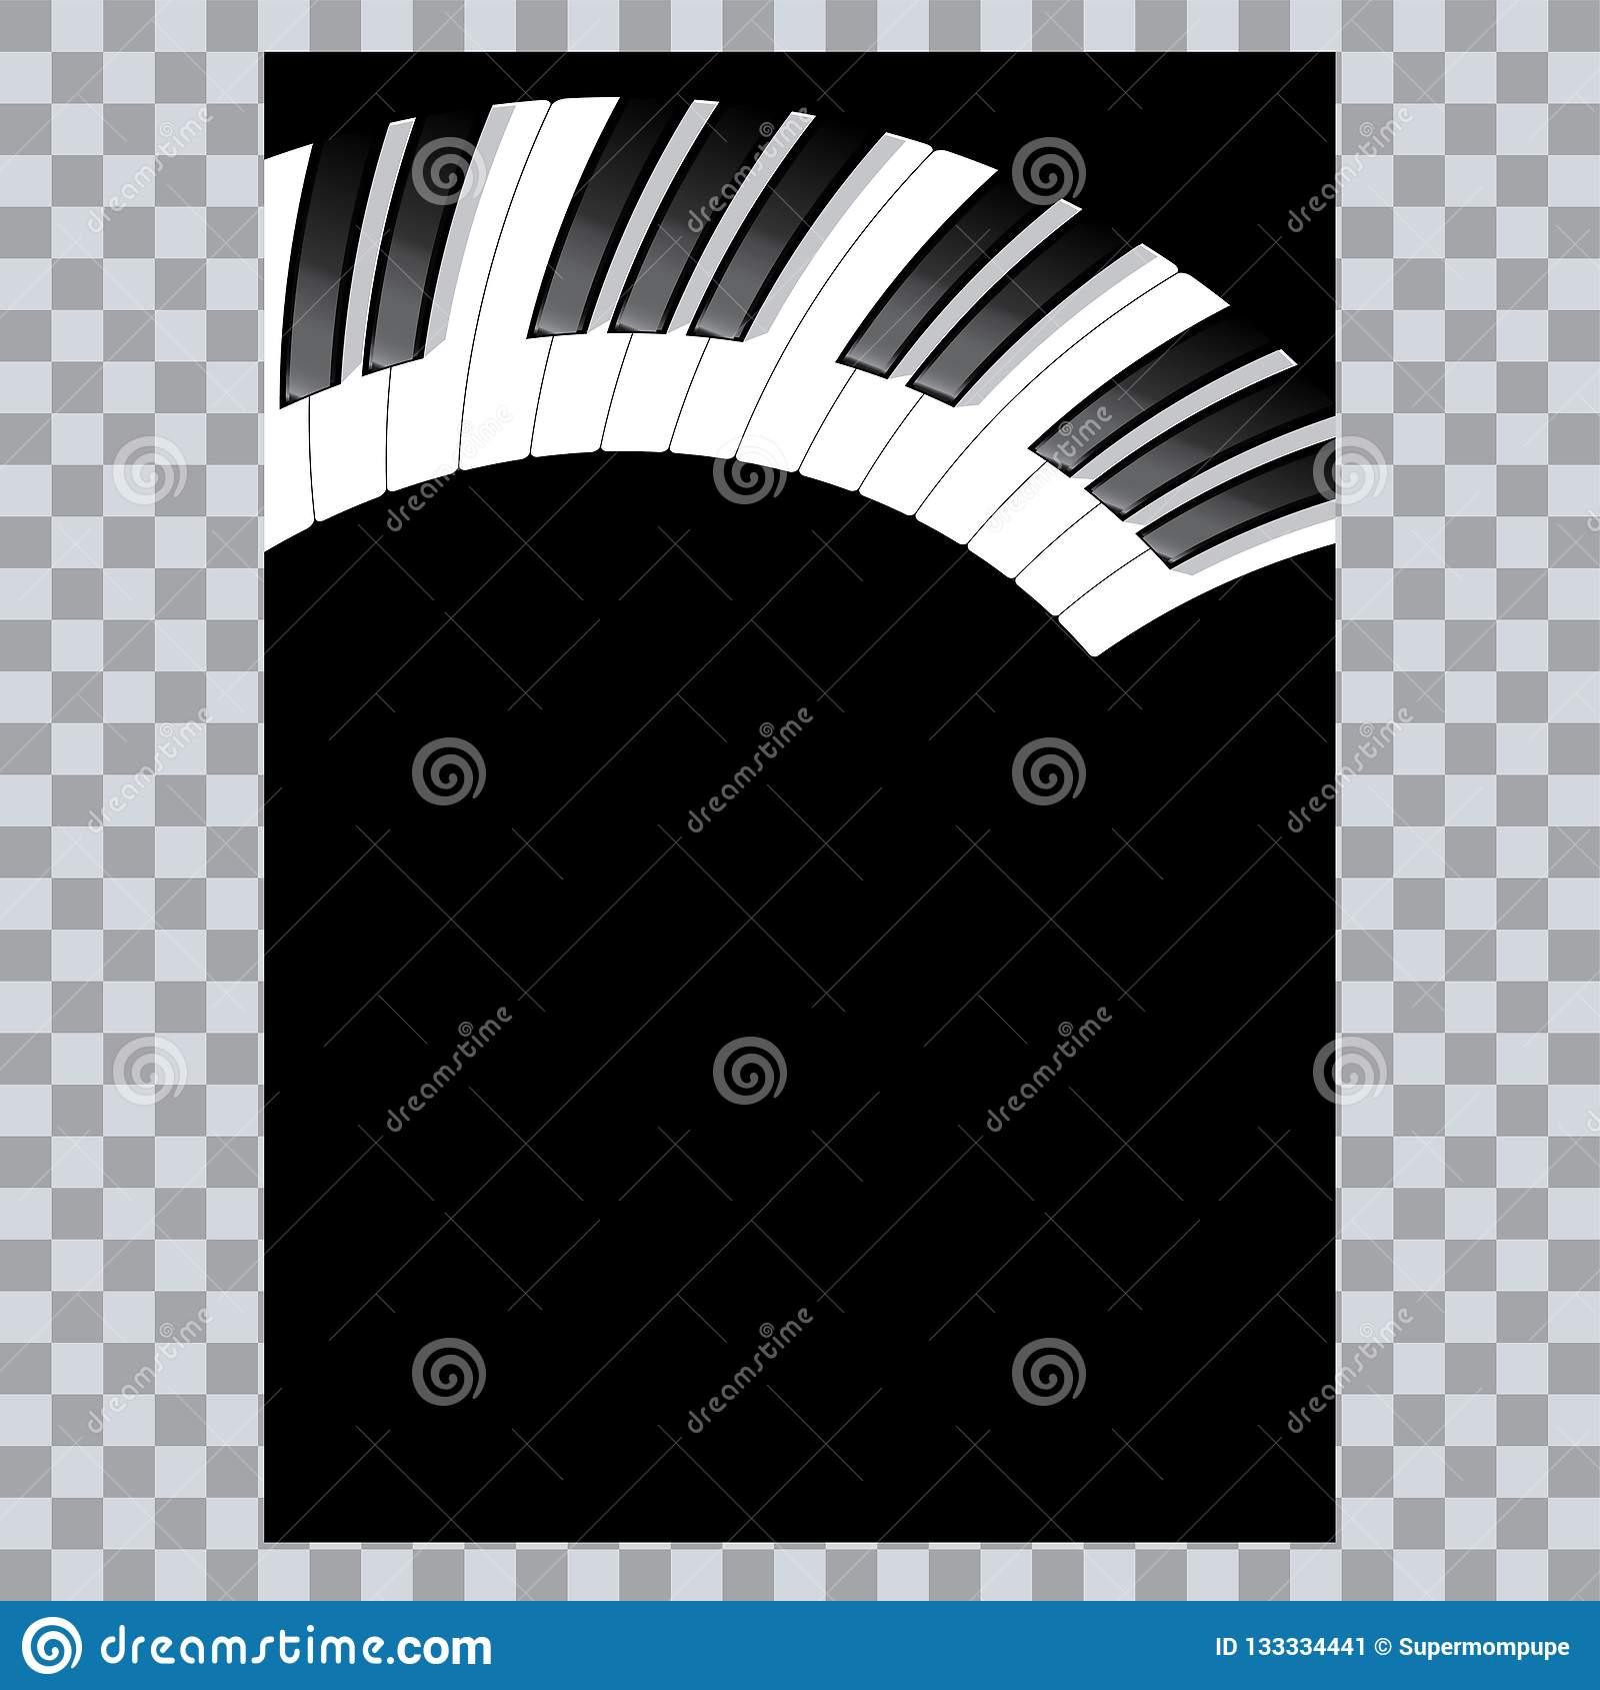 Значок рояля и ключи печати современной музыки концепции рояля и плаката рояля веб-дизайна на белом векторе